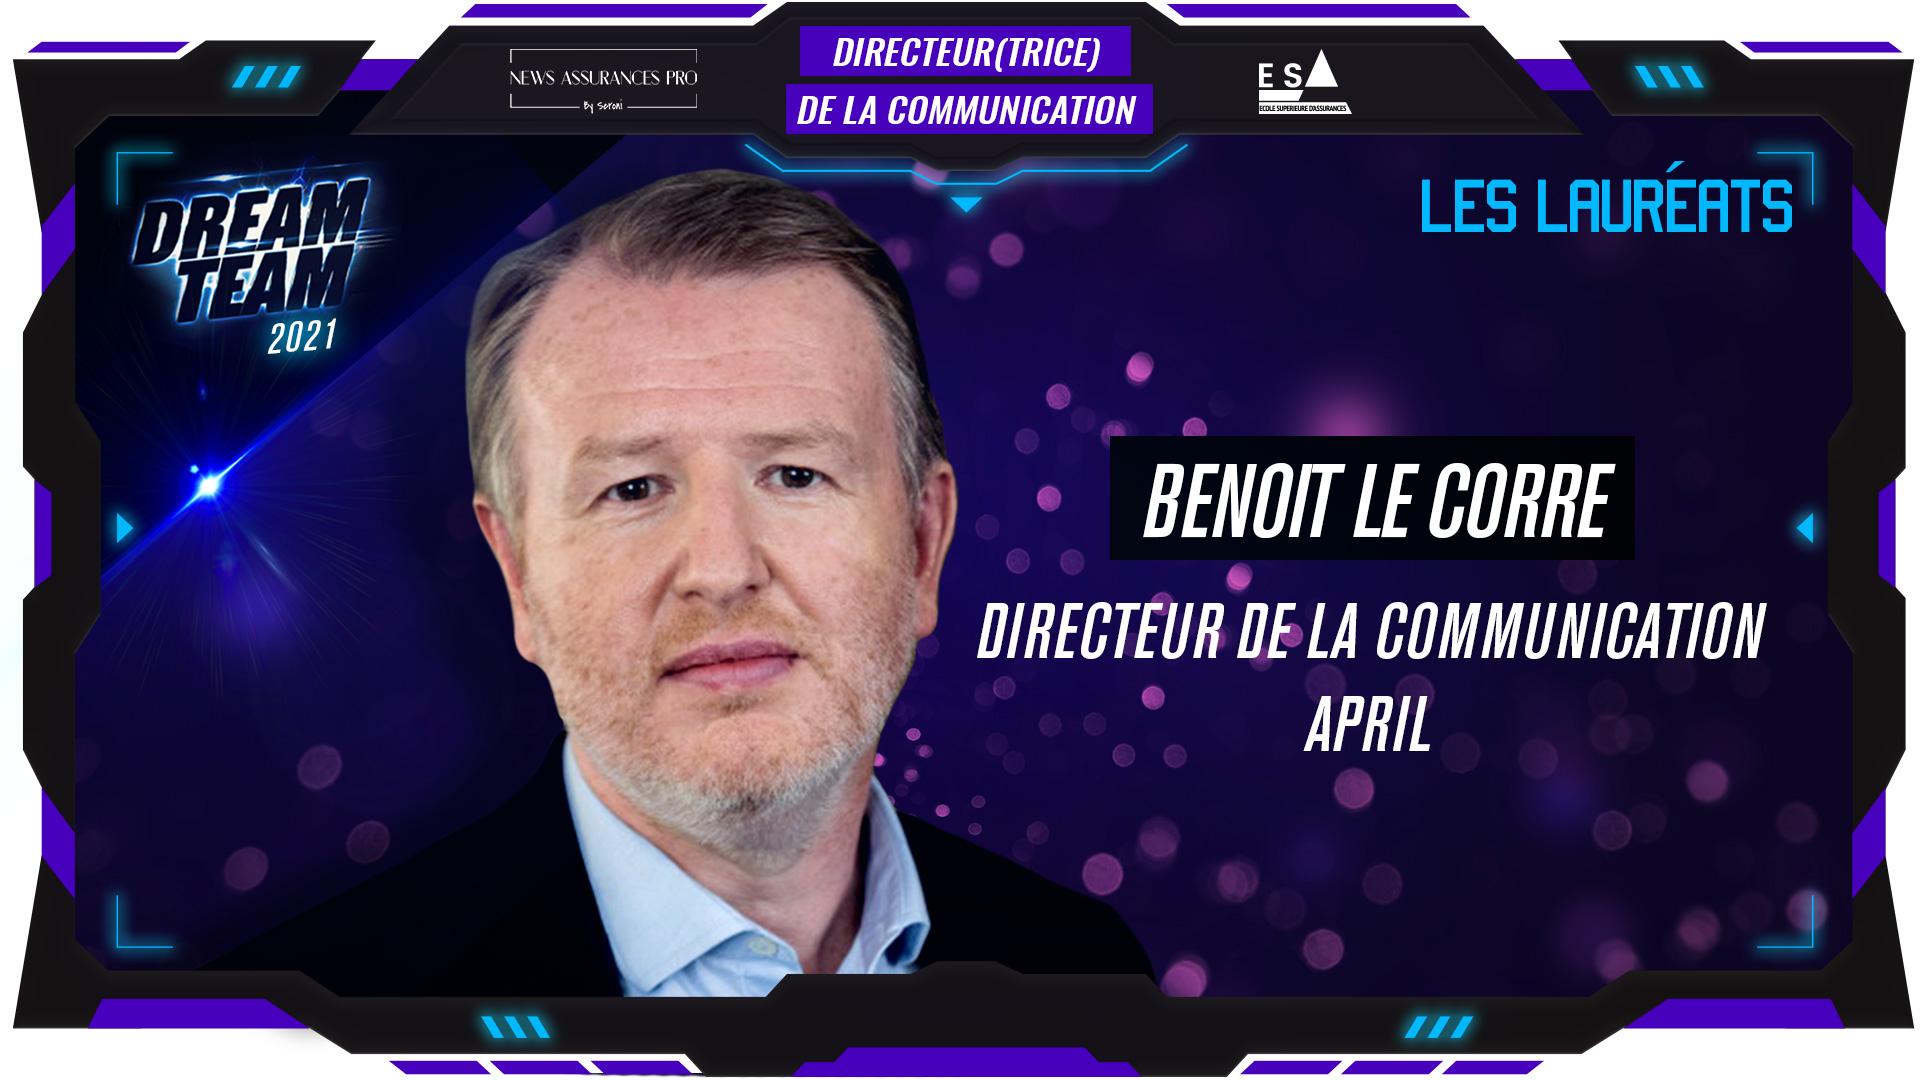 Benoit Le Corre au poste de Directeur de la communication